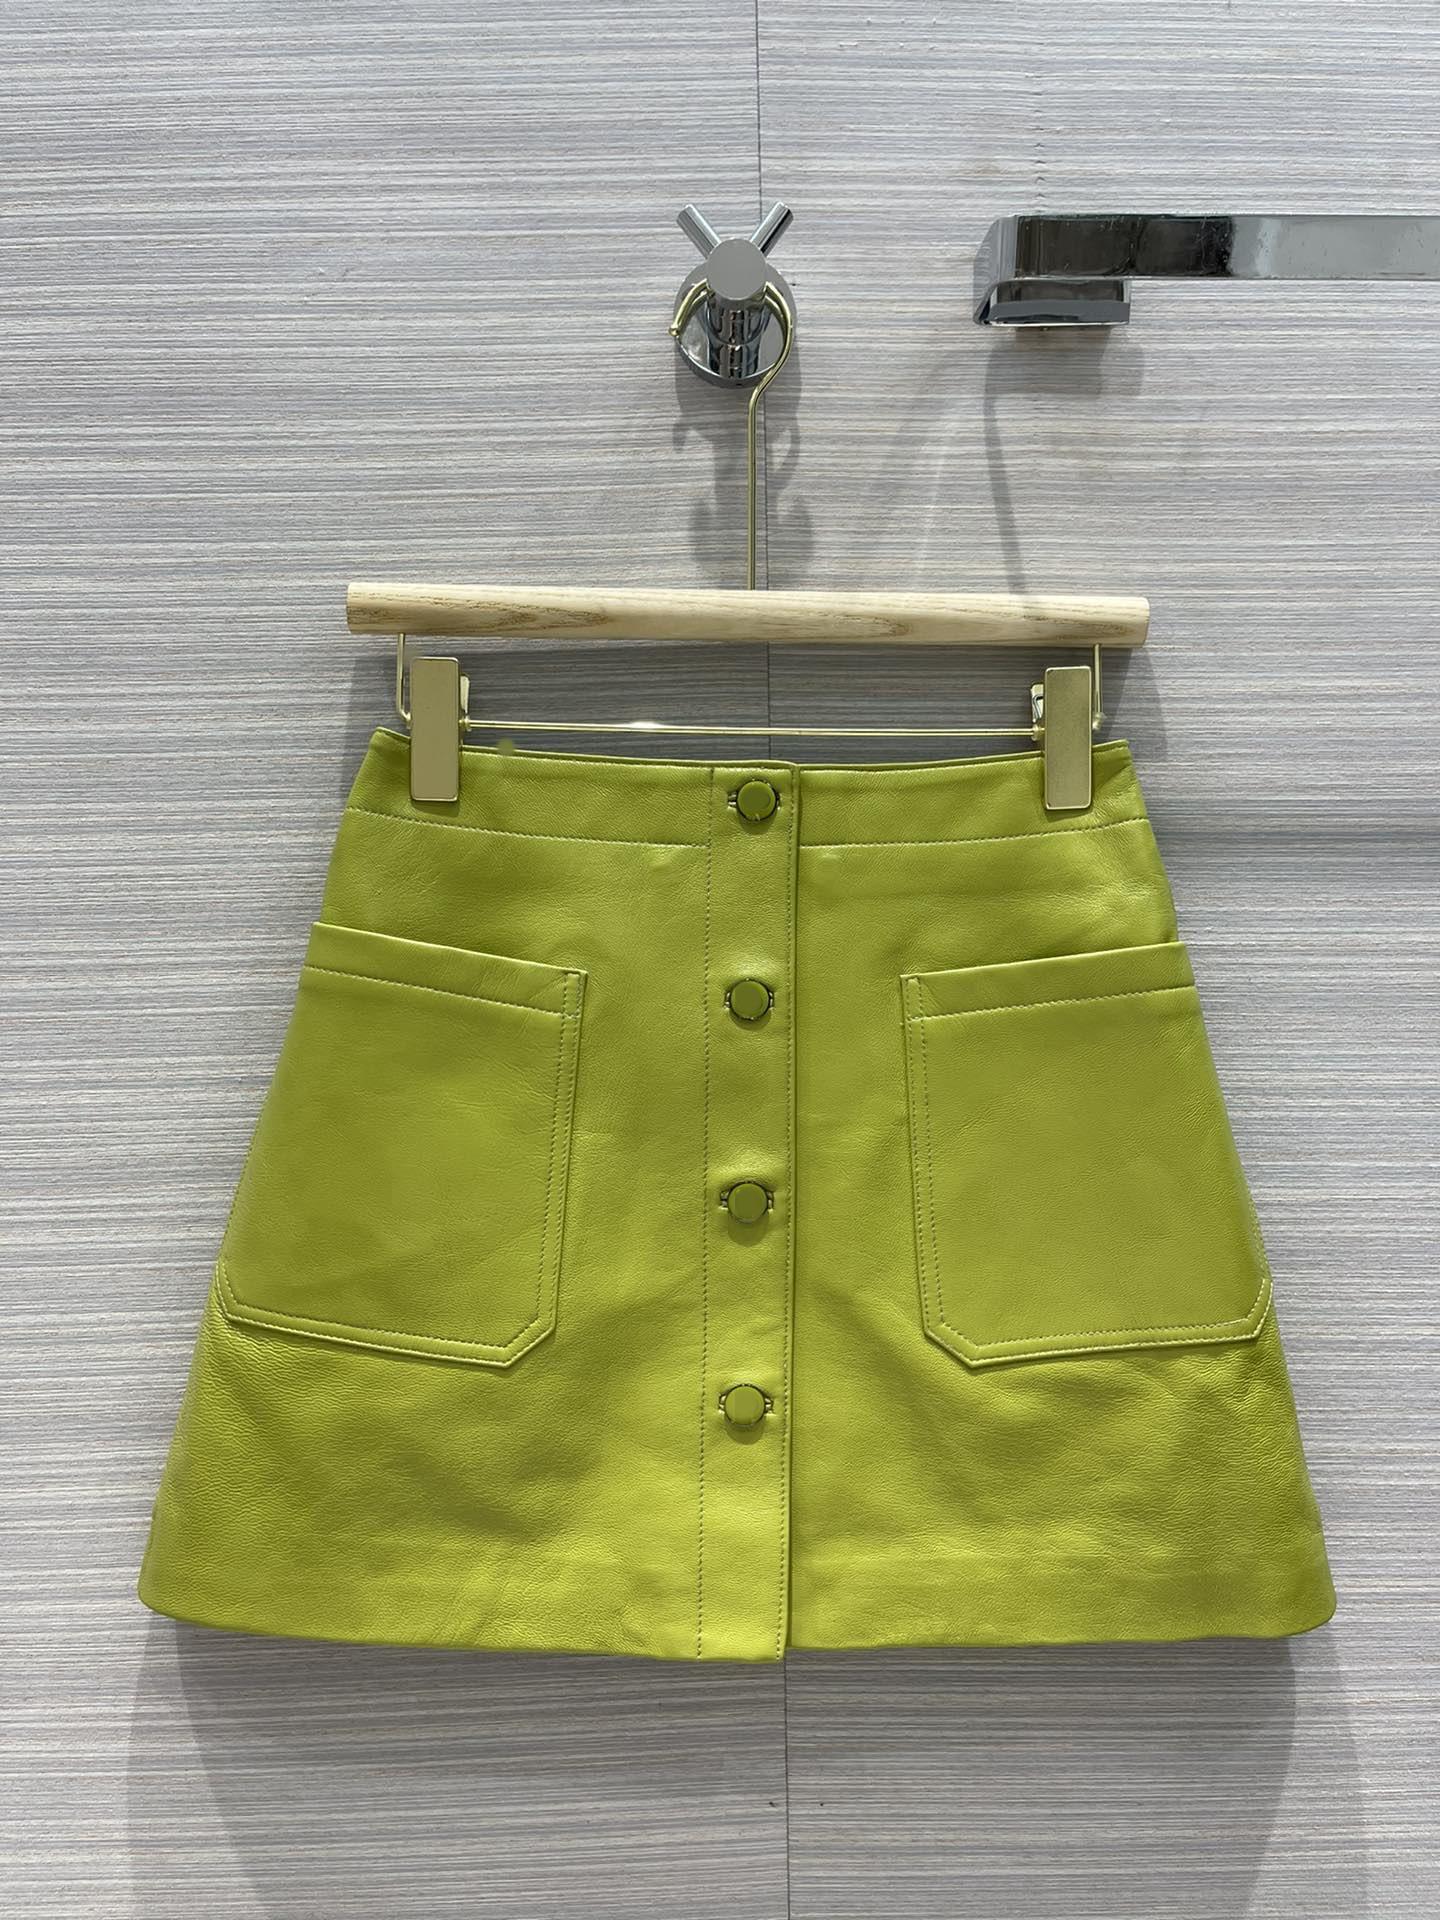 2021 İlkbahar Sonbahar Kış Milan Tasarımcı Etekler Muhteşem Bir Etekler Kadınlar Marka Aynı Stil Etekler 0602-8